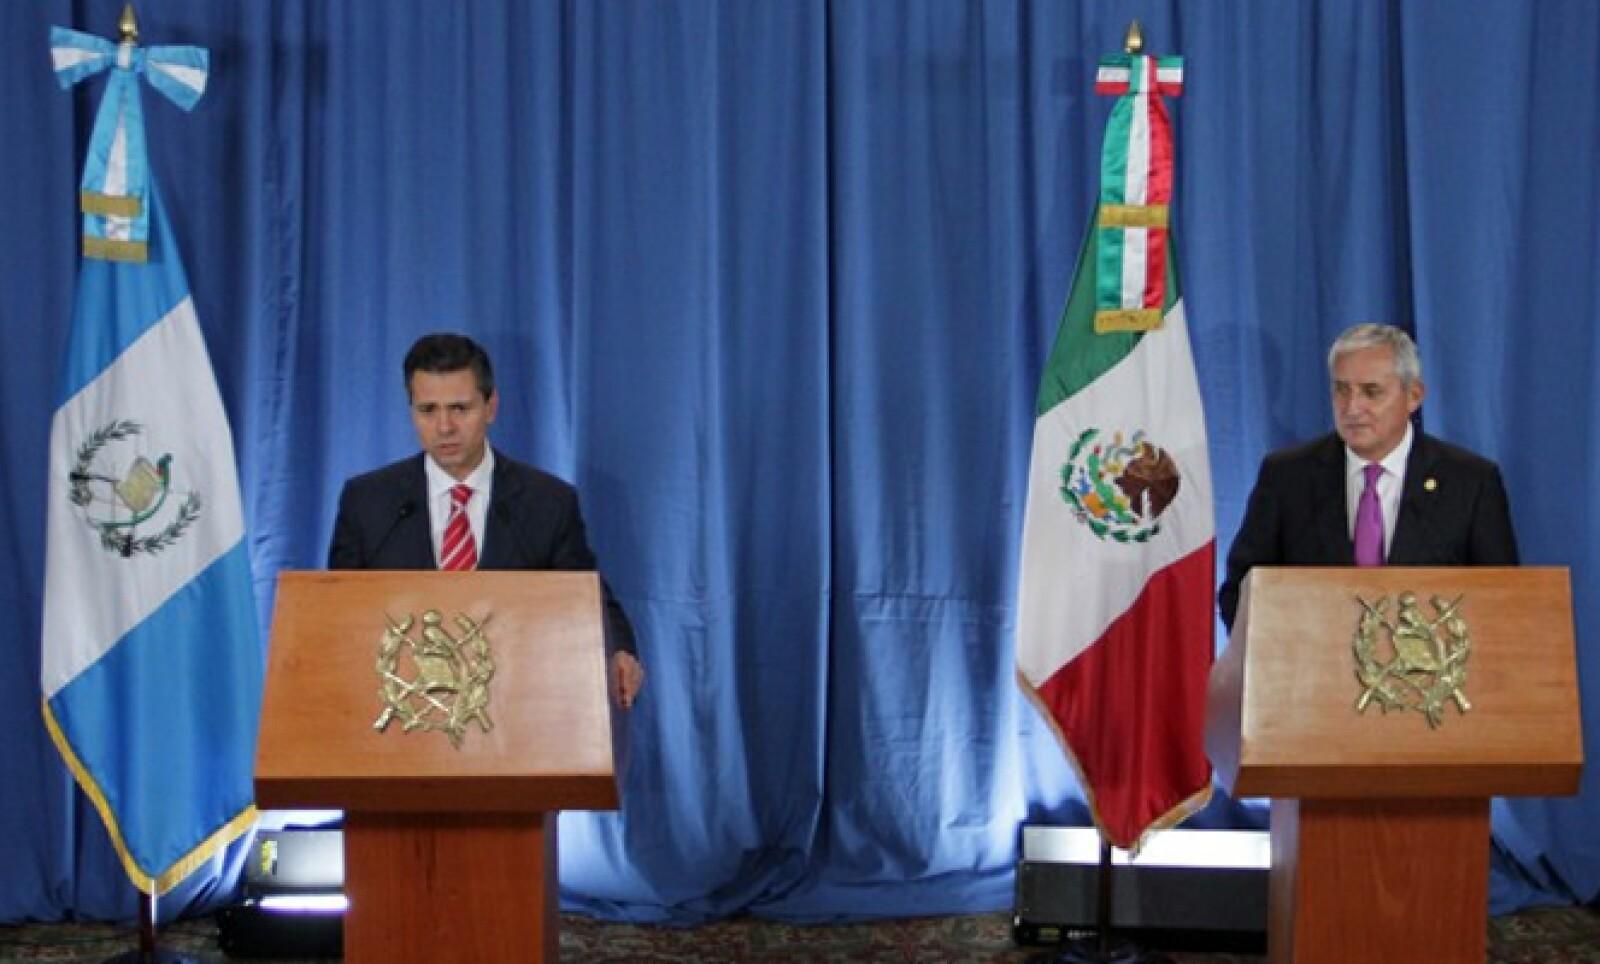 El 31 de mayo, el Ejecutivo se reunió con el presidente Otto Pérez Molina y participó en el foro de inversiones Guatemala Investment Summit 2013.